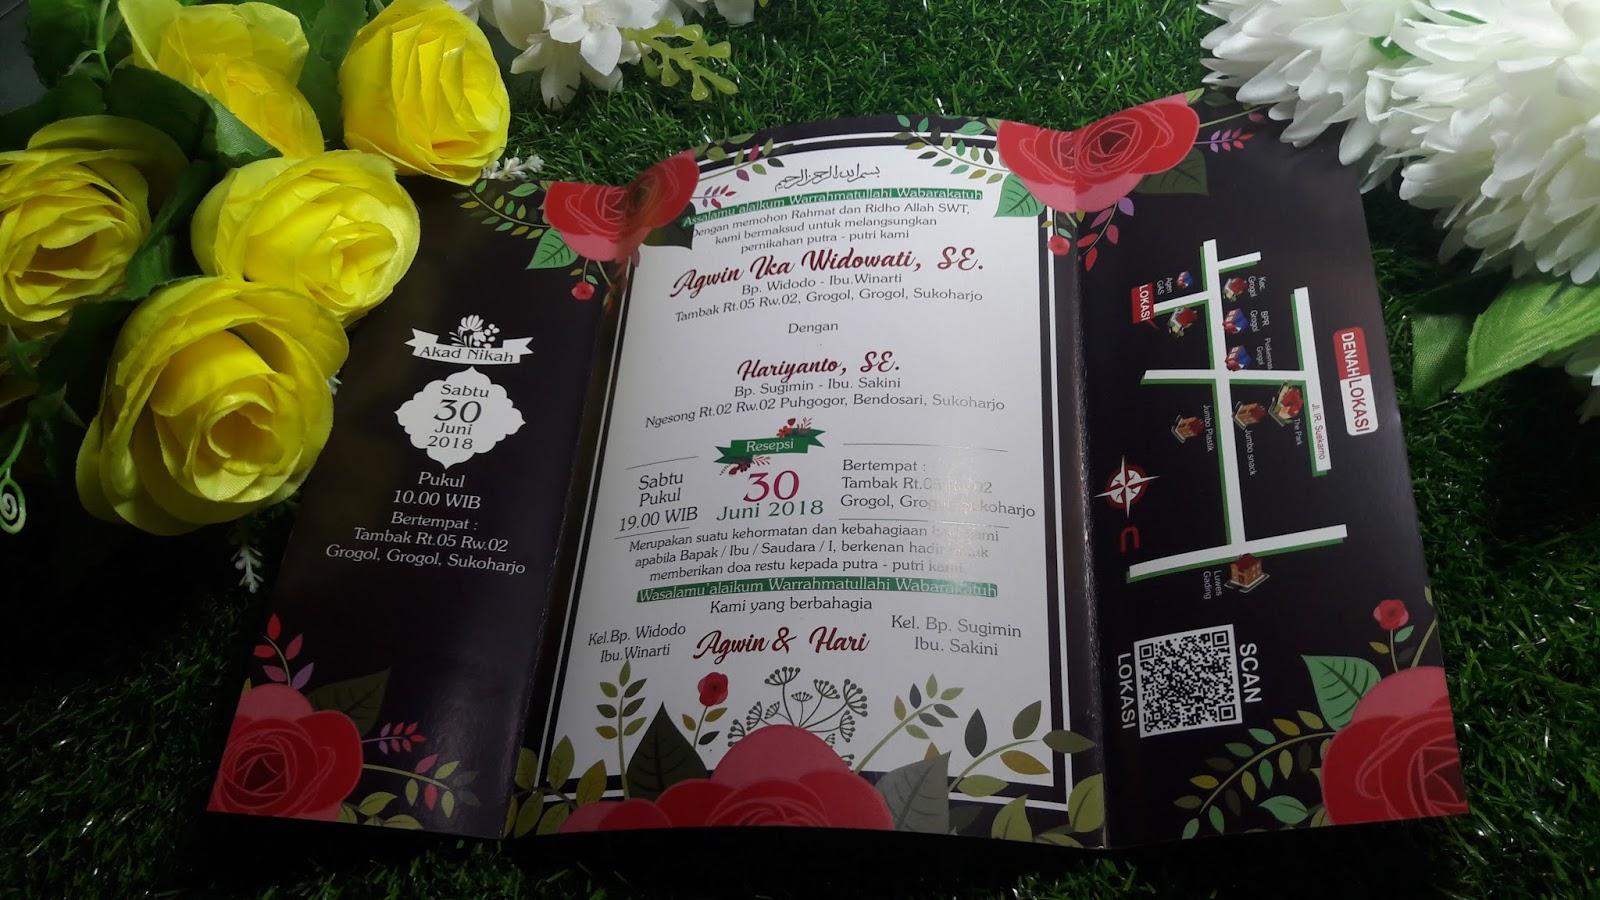 Pusat Undangan Dan Aneka Percetakan Pernikahan  Jakarta A 02 Sidoarjo